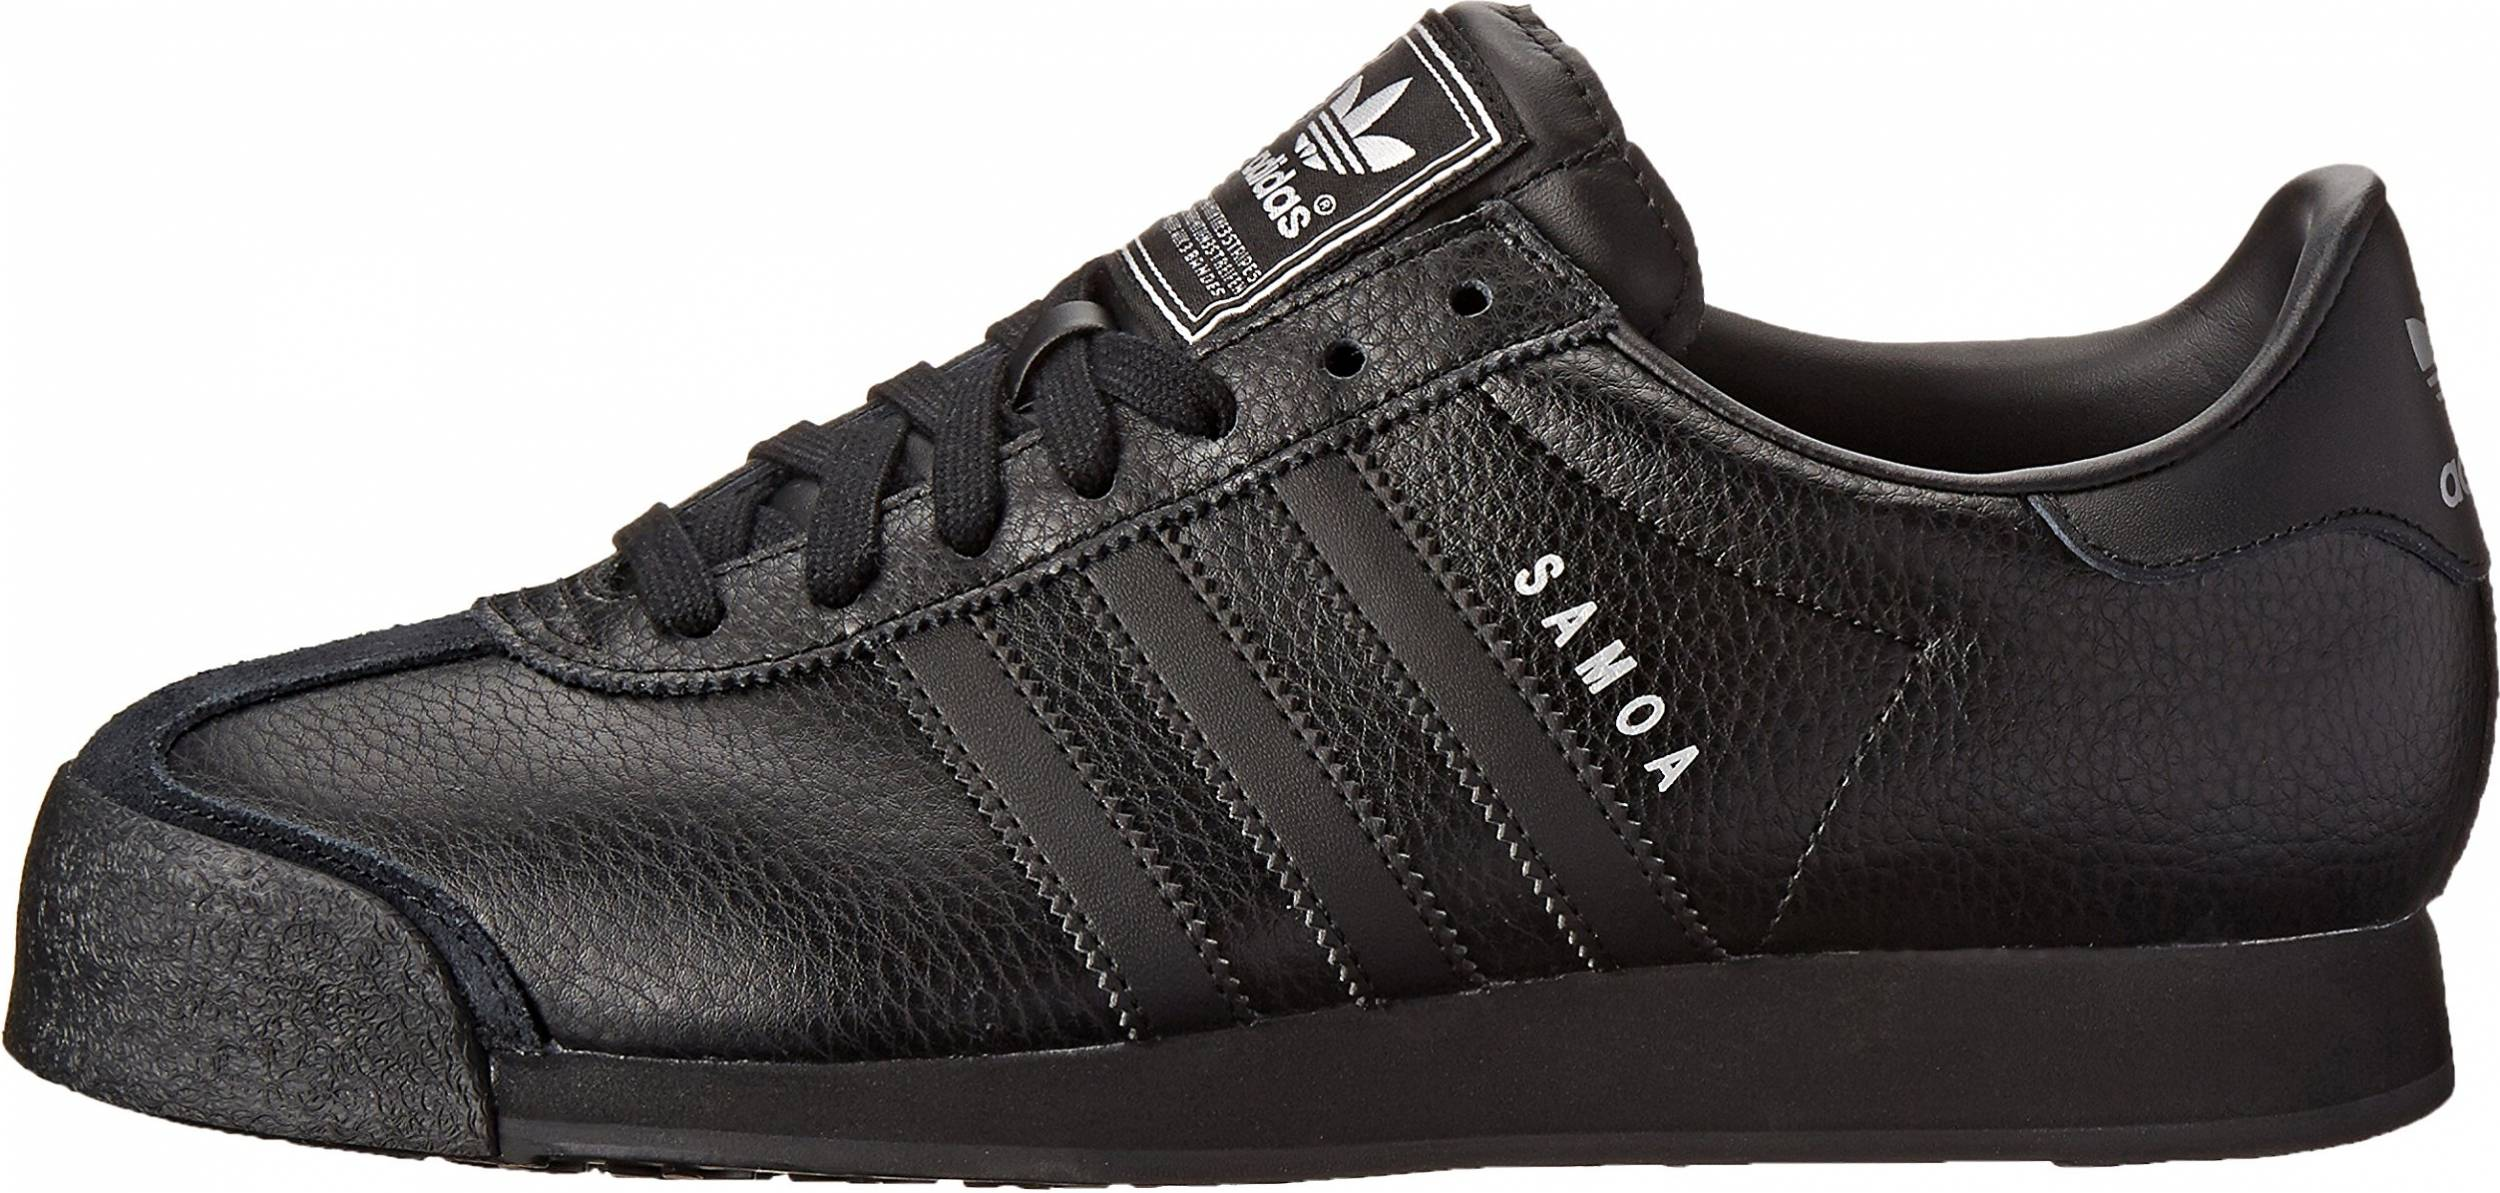 Adidas Samoa кроссовки, обзор, плюсы и